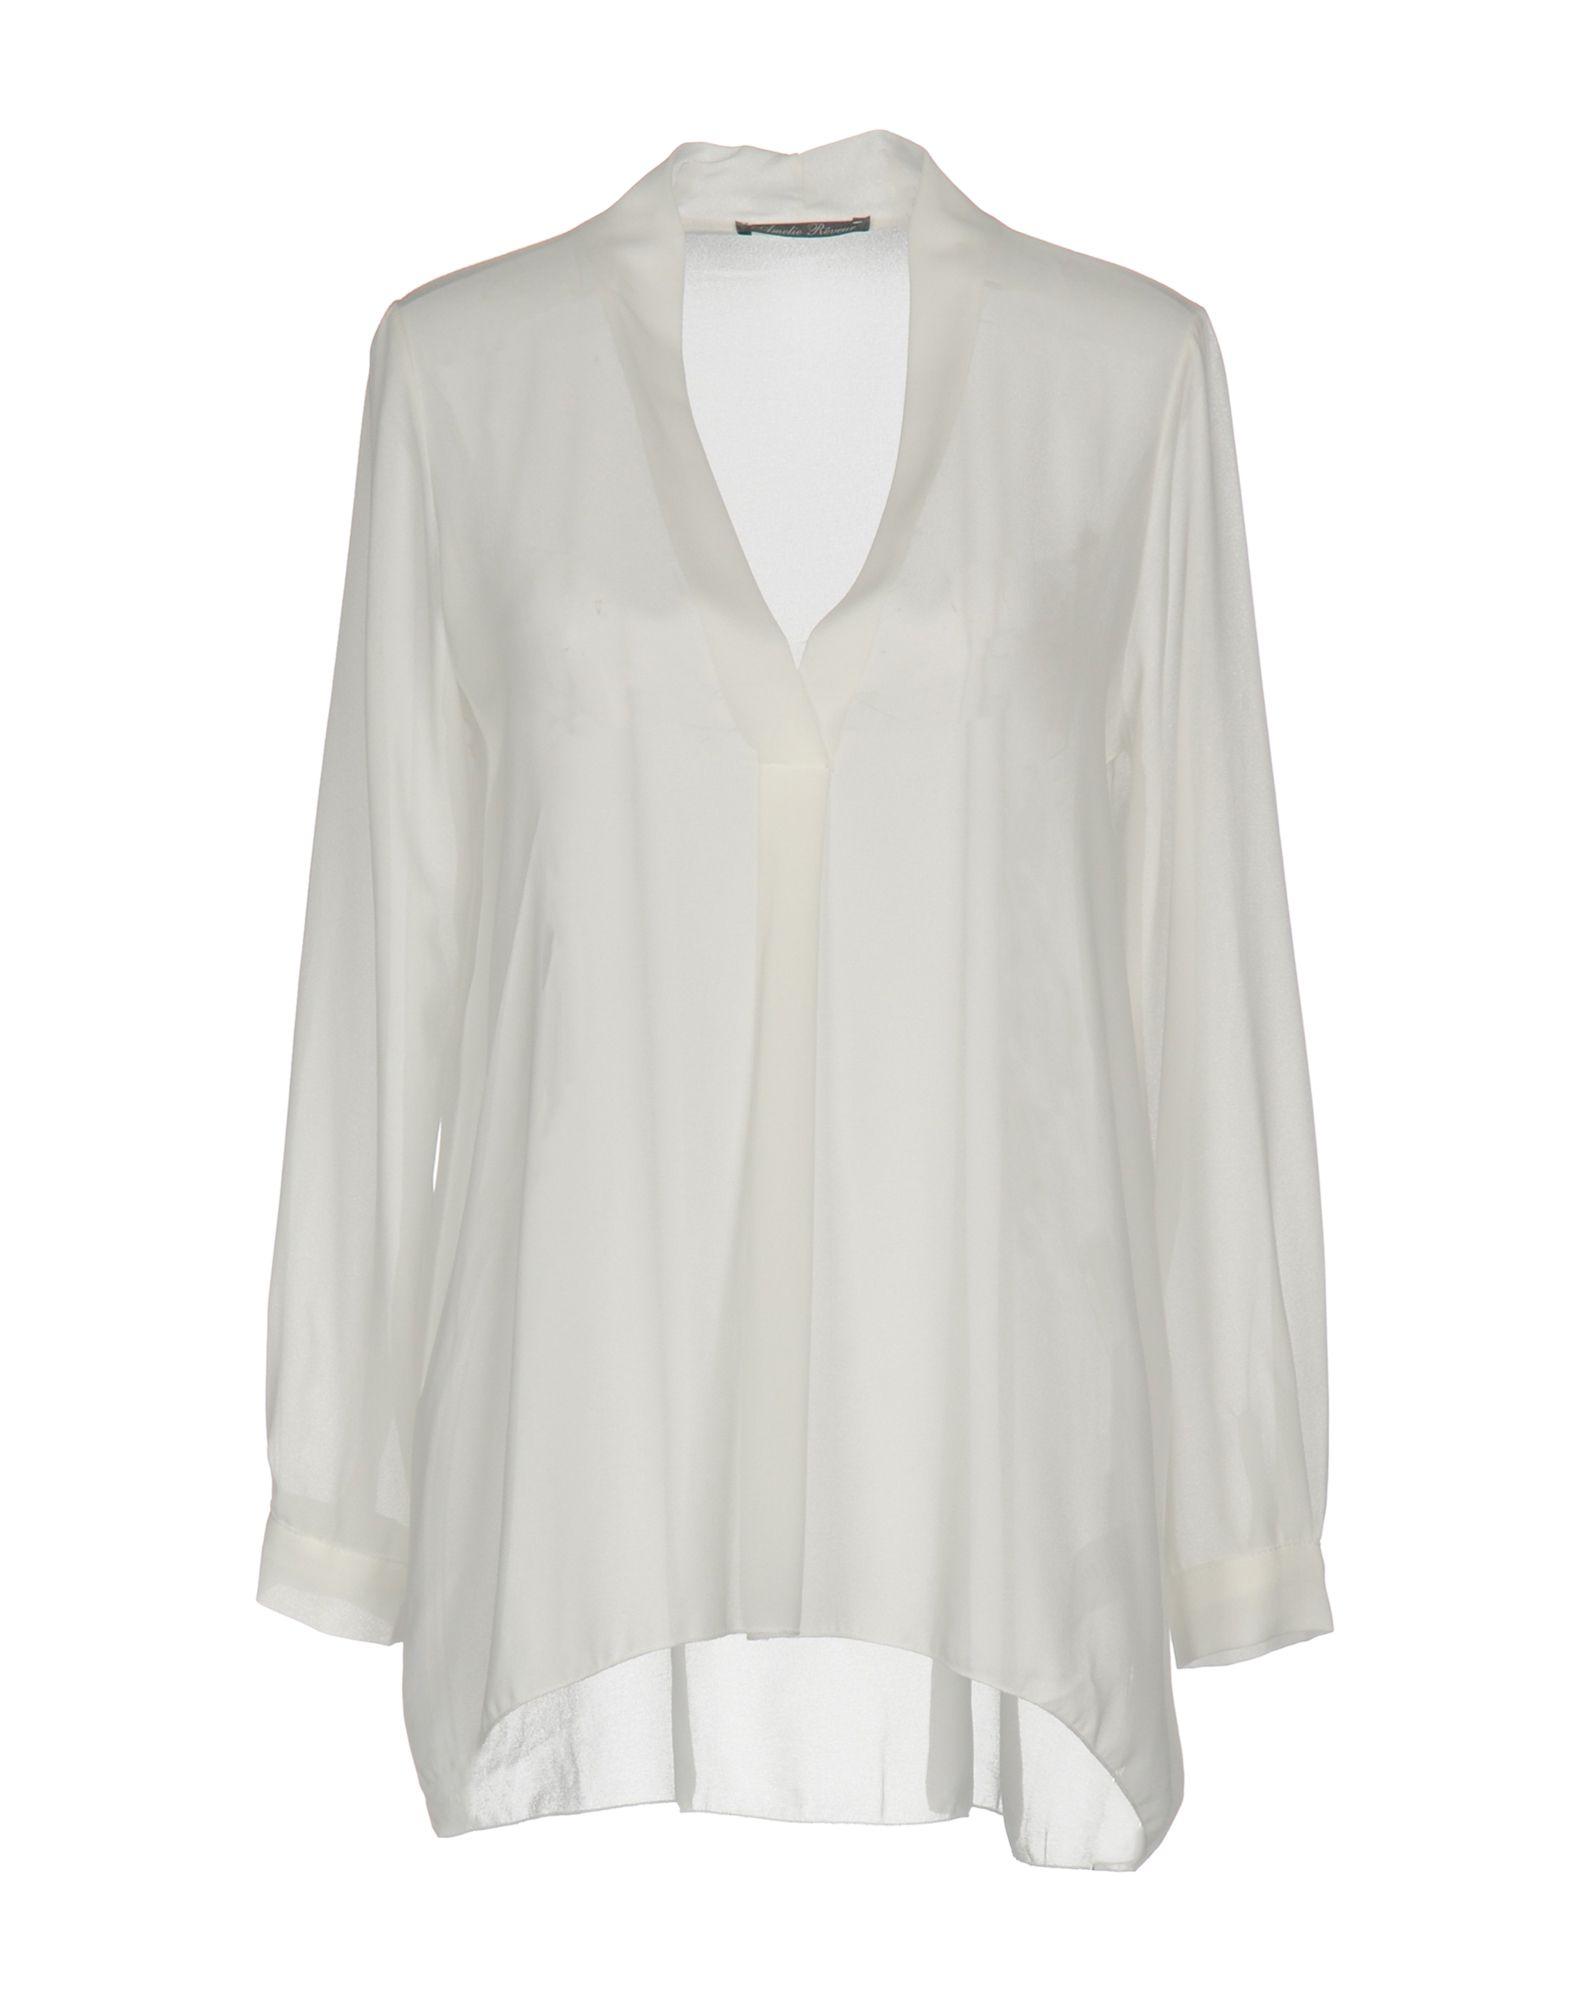 где купить AMELIE RÊVEUR Блузка по лучшей цене